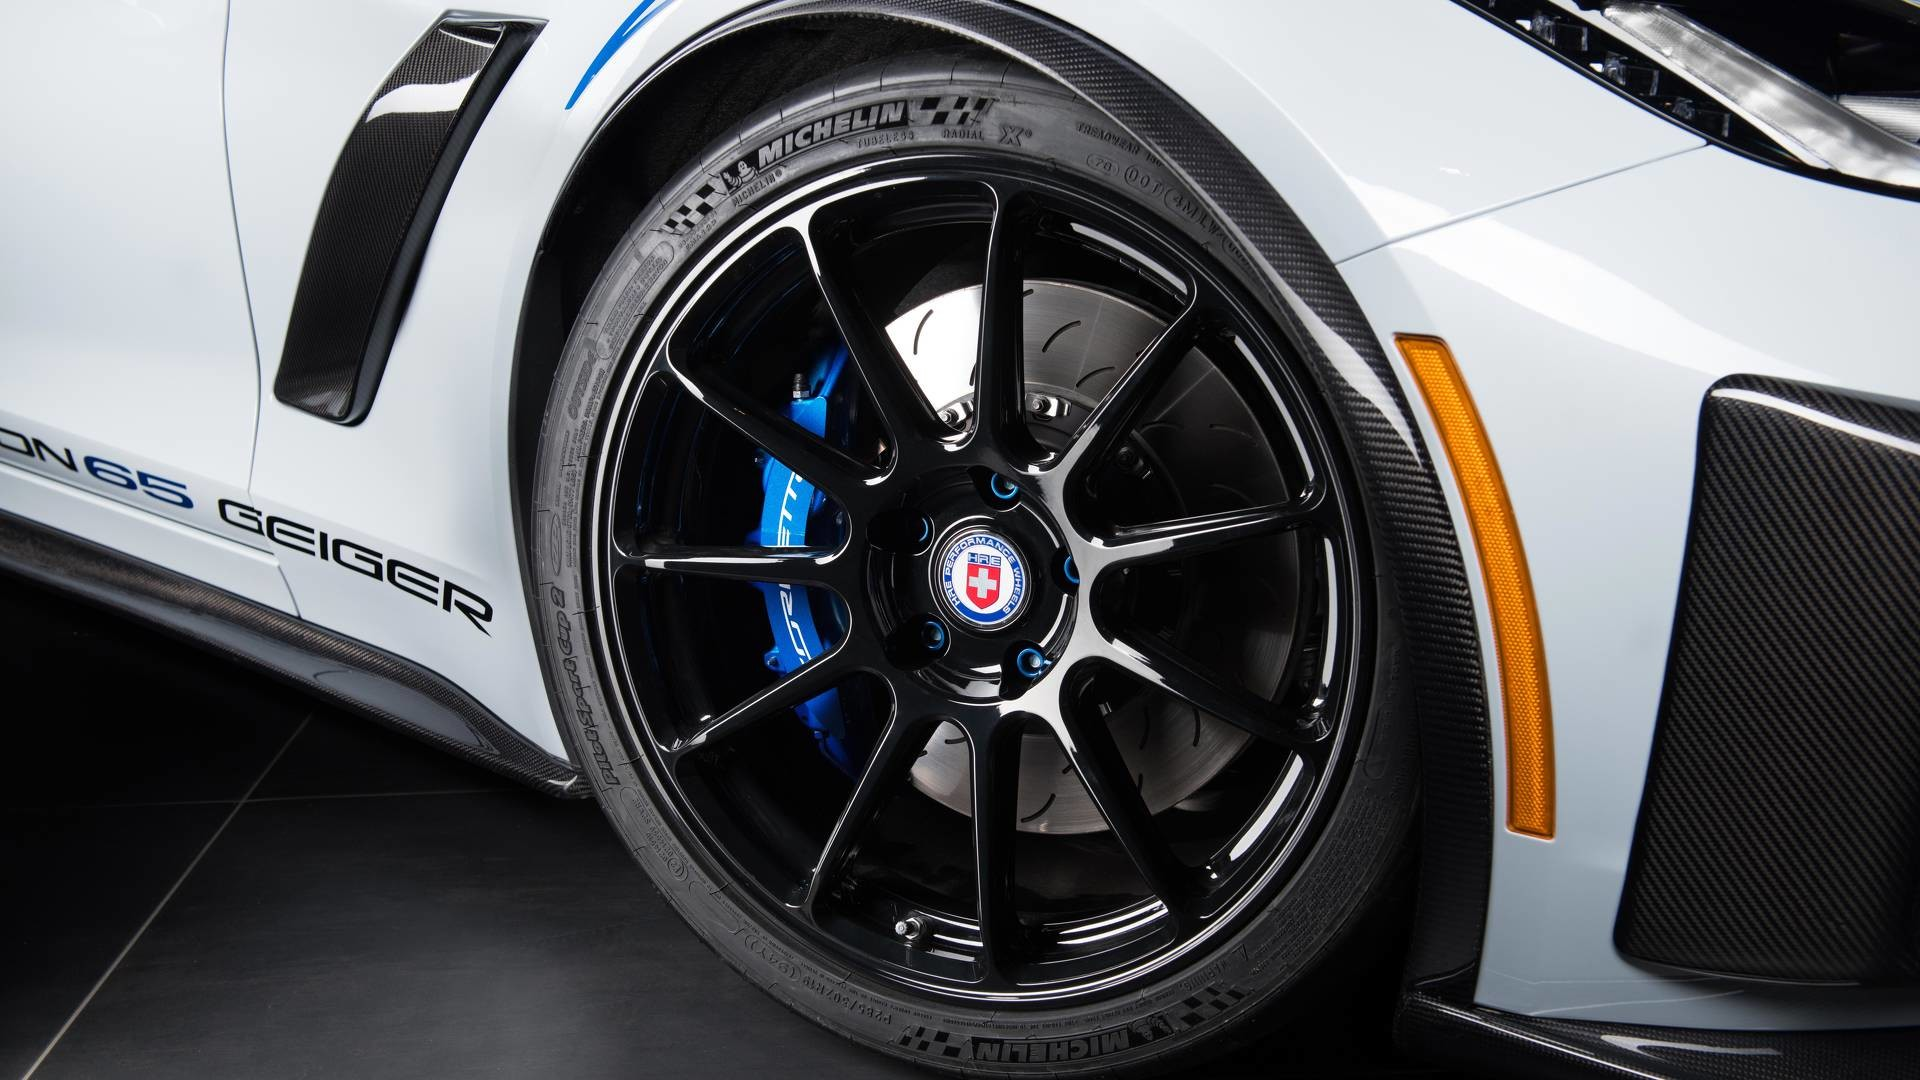 Foto de Corvette Z06 Geiger Carbon 65 Edition (7/15)